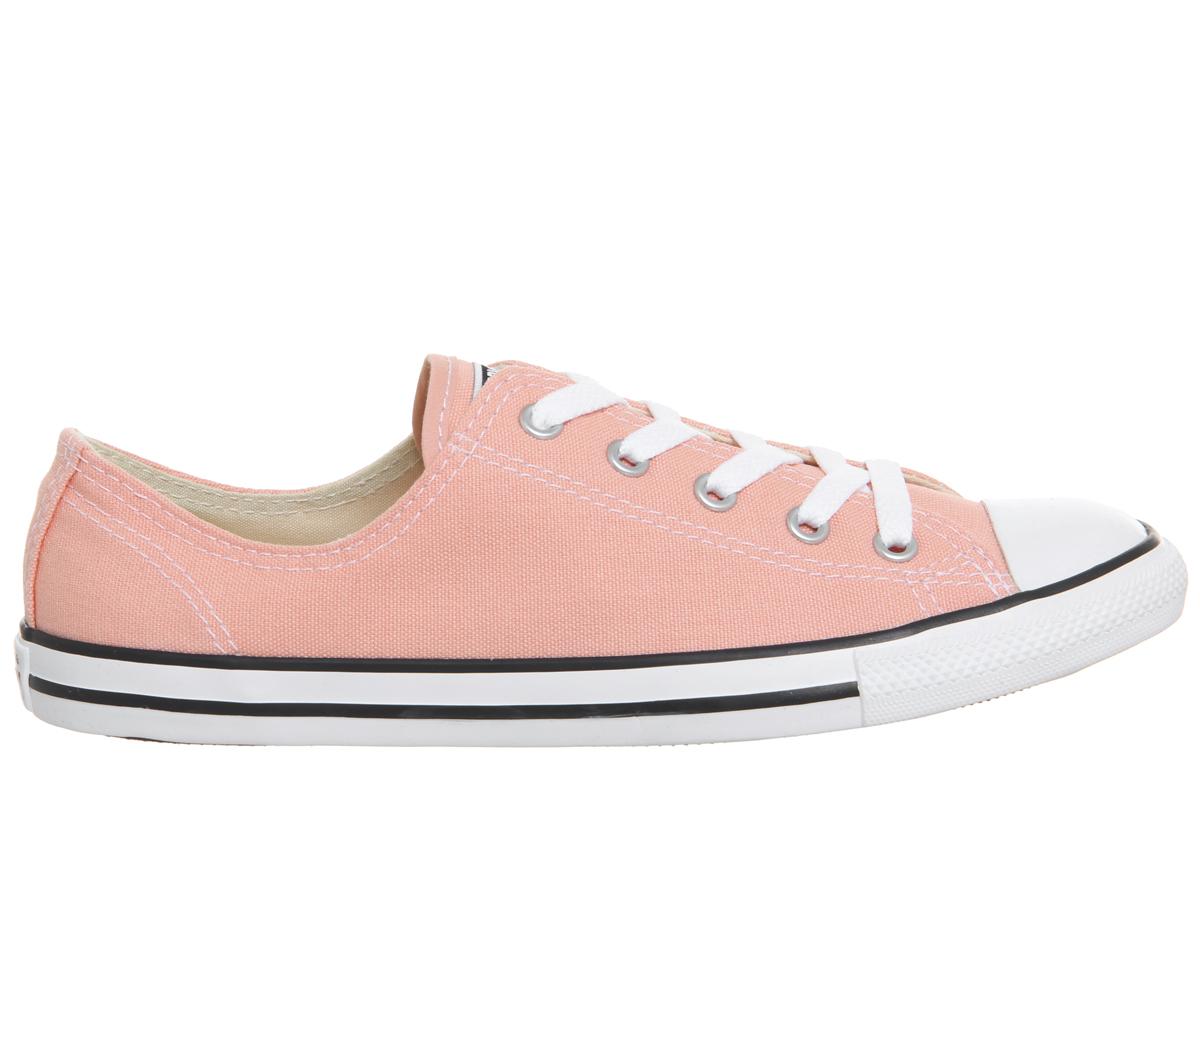 54e7a222f07 SENTINEL Womens Converse All Star Dainty formatori formatori corallo  pallido scarpe